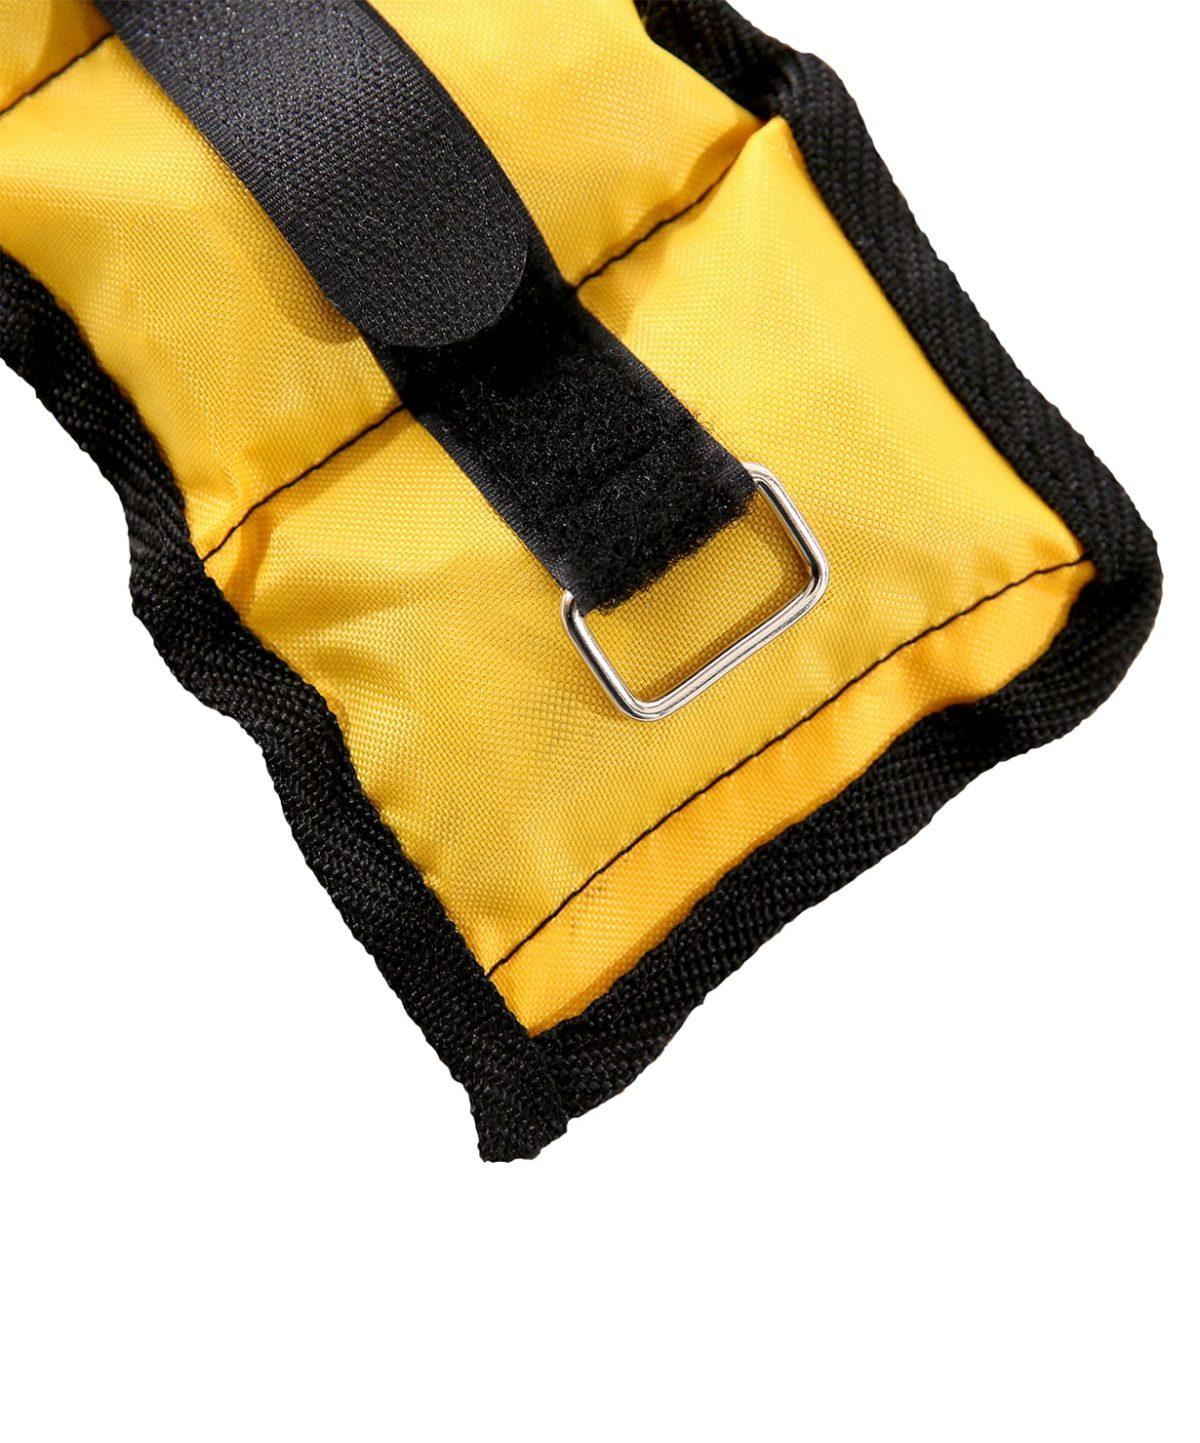 STARFIT Утяжелители  0.5 кг, желтый WT-401 - 2